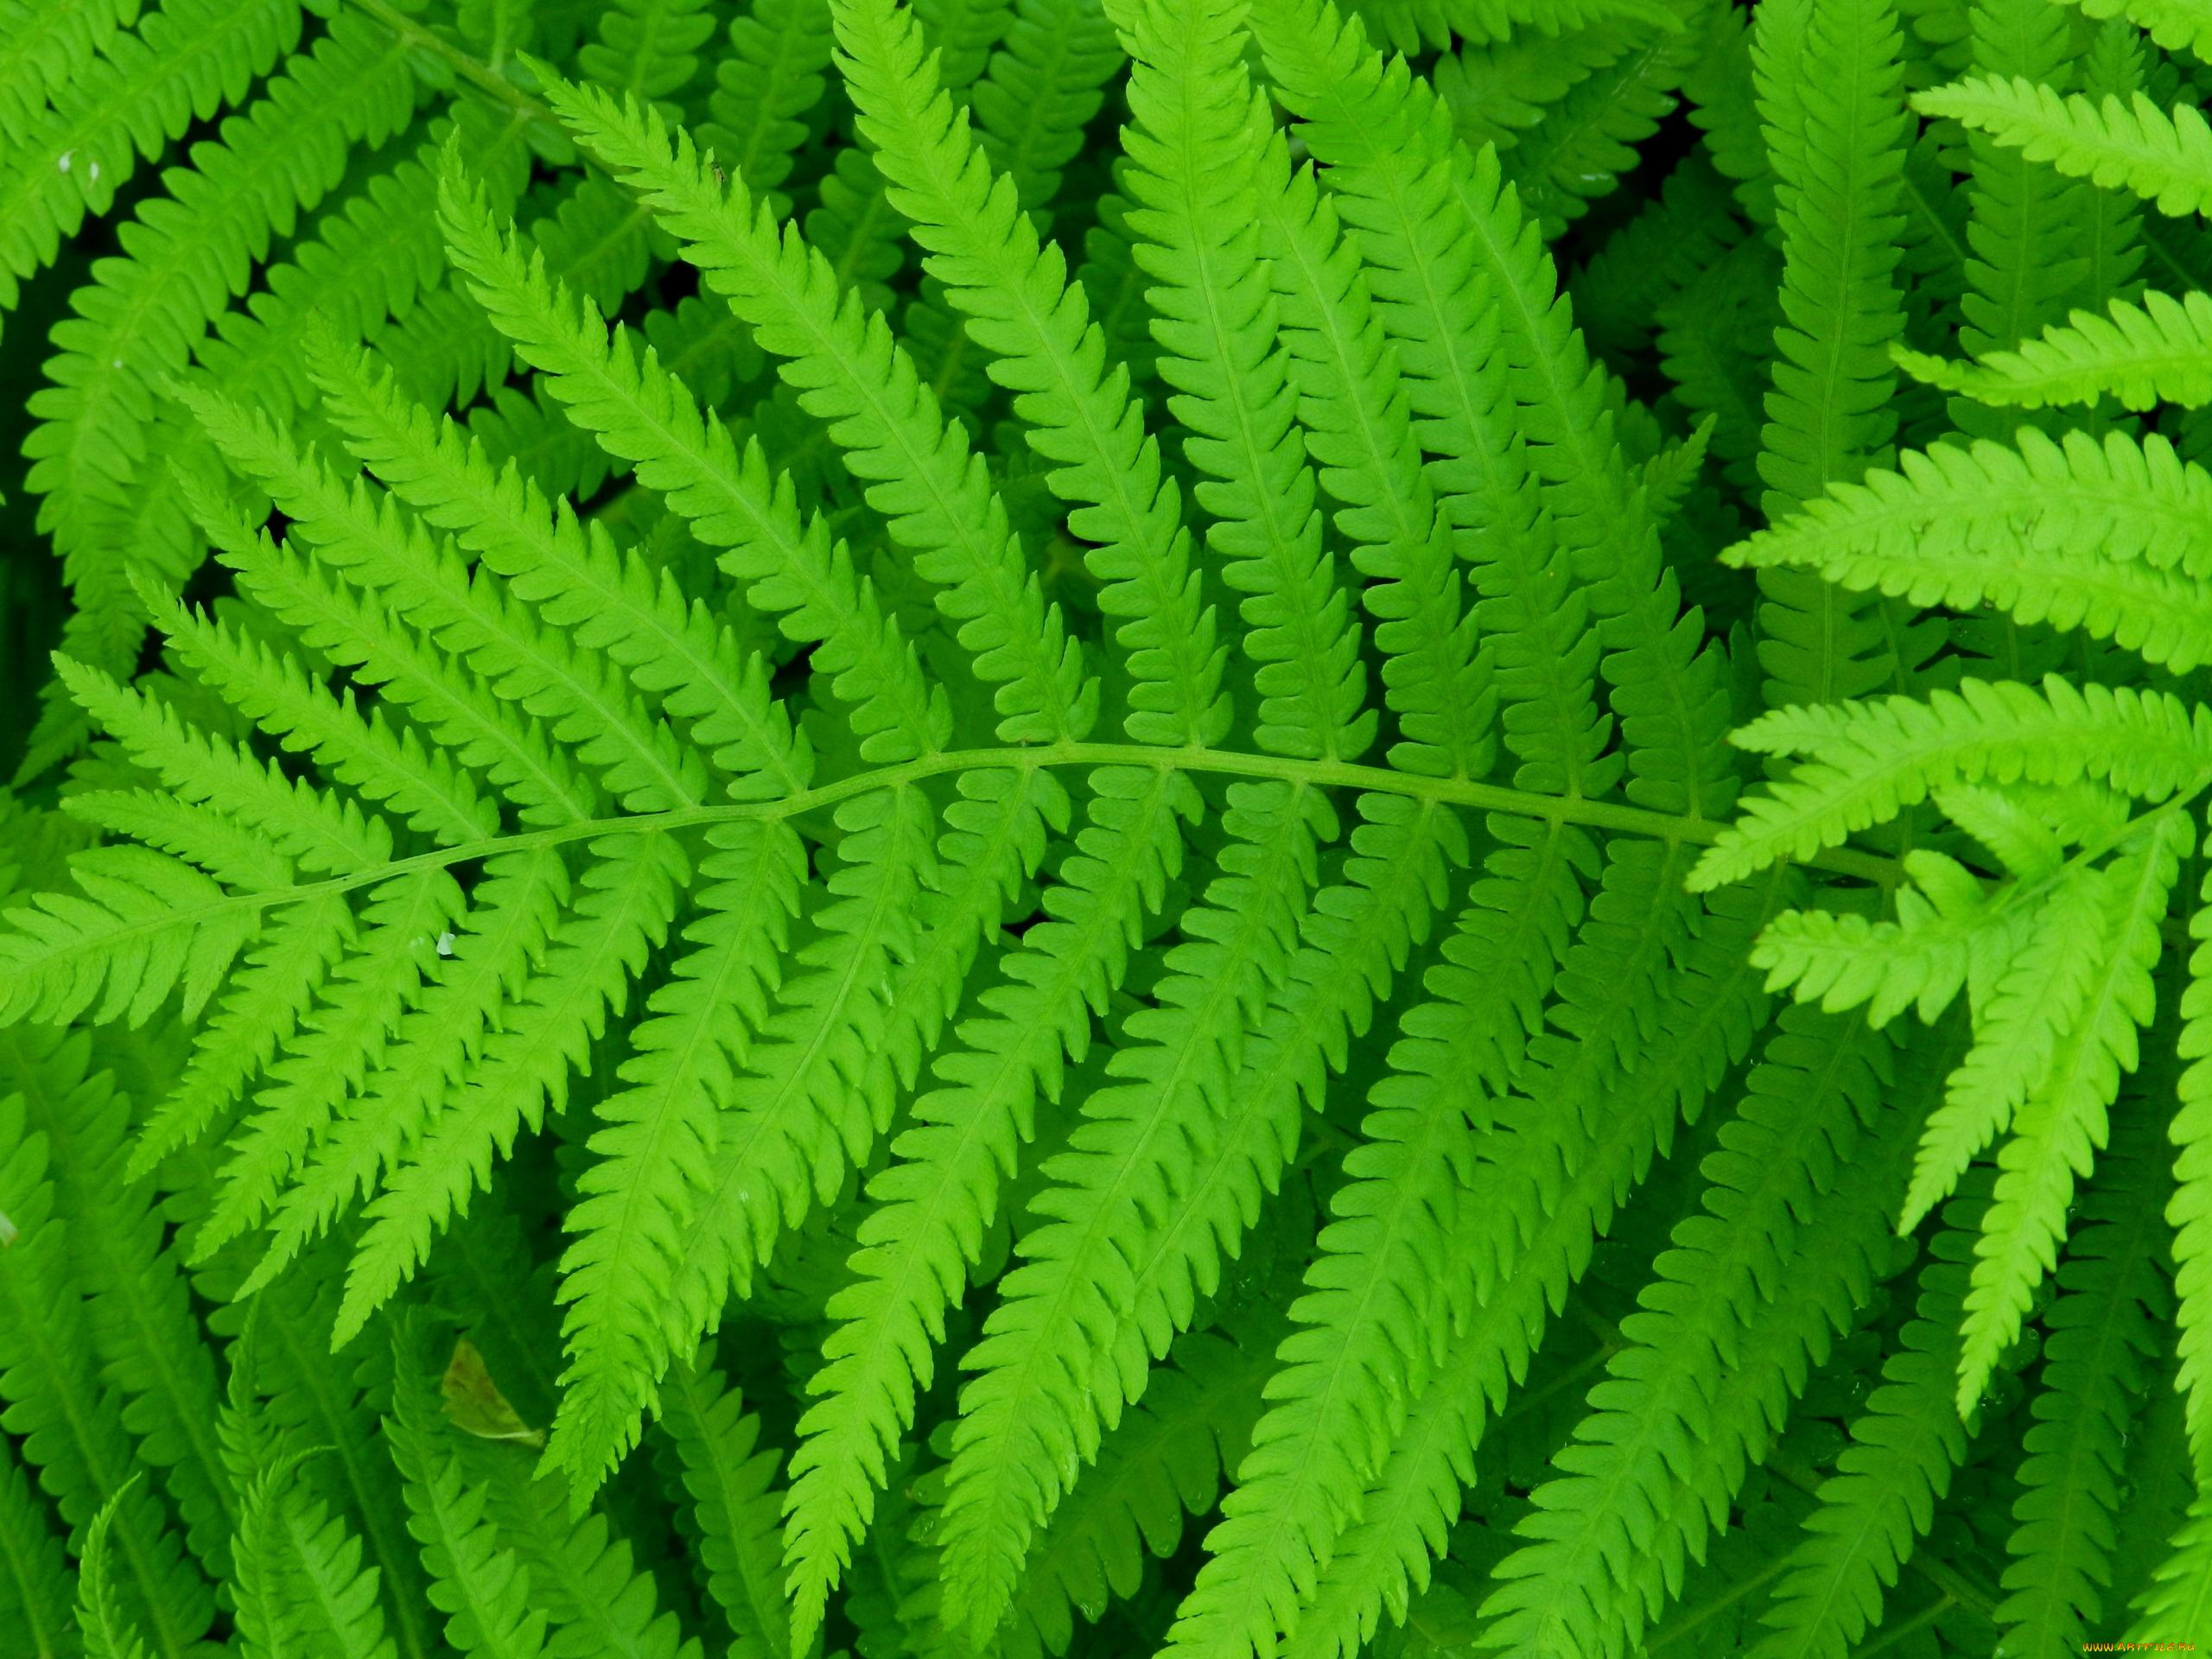 природа Папоротник листья бесплатно